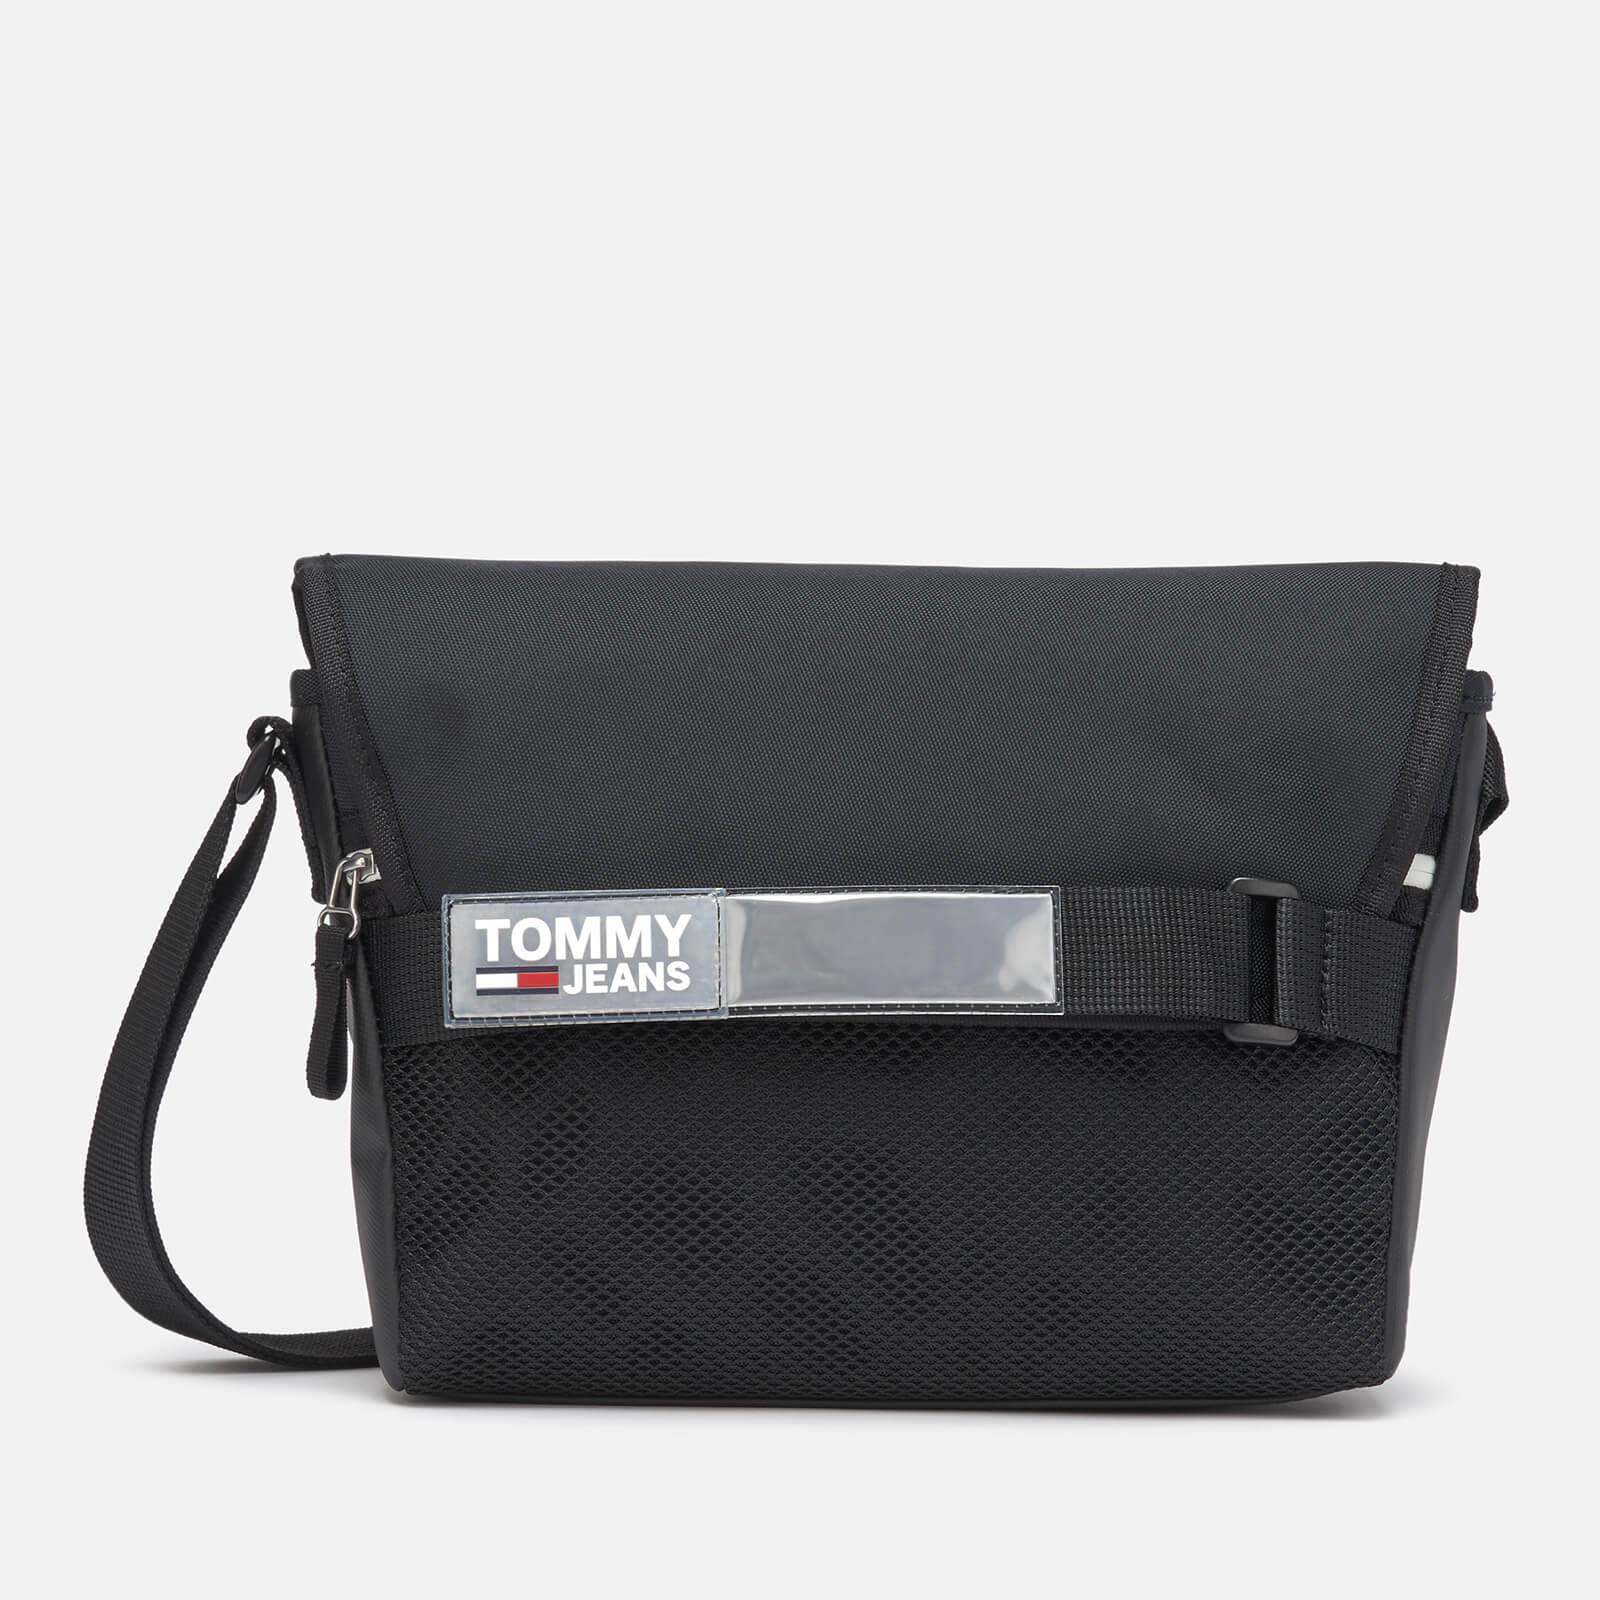 Tommy Jeans Men's Urban Messenger Bag Black